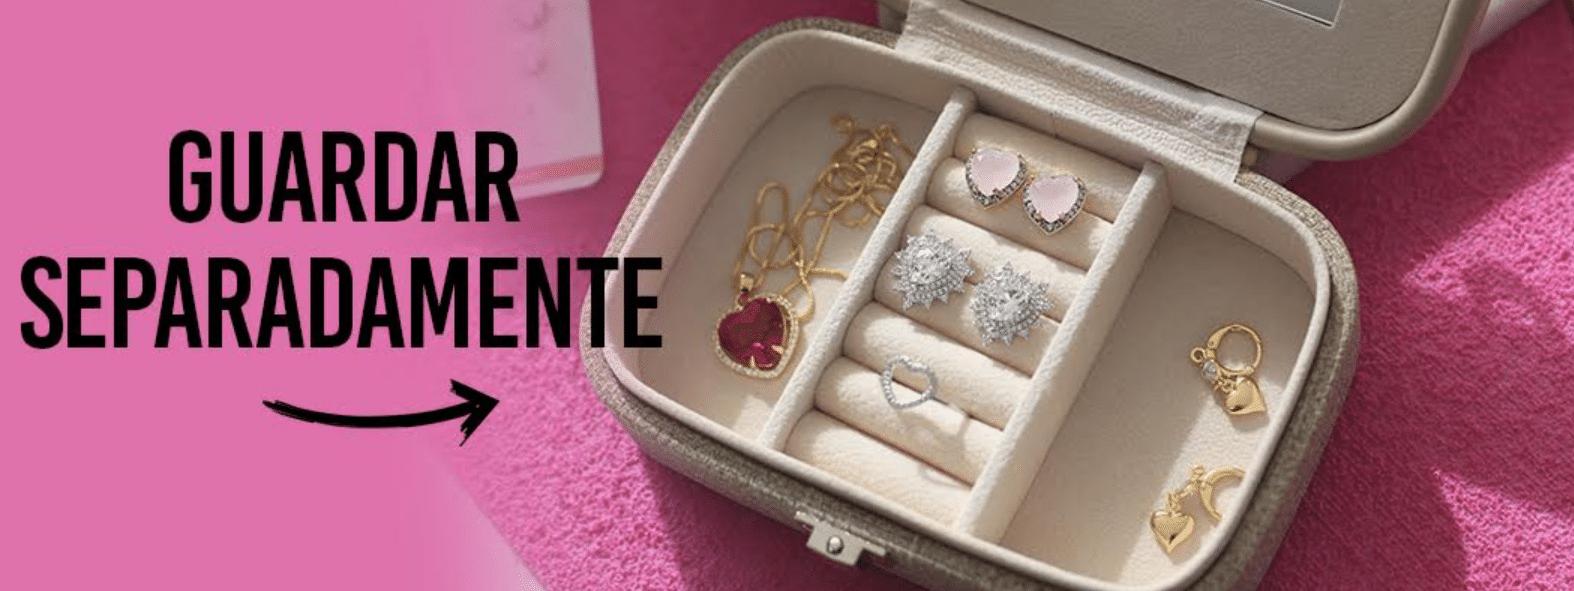 caixa para guardar joias com peças douradas recém lavadas